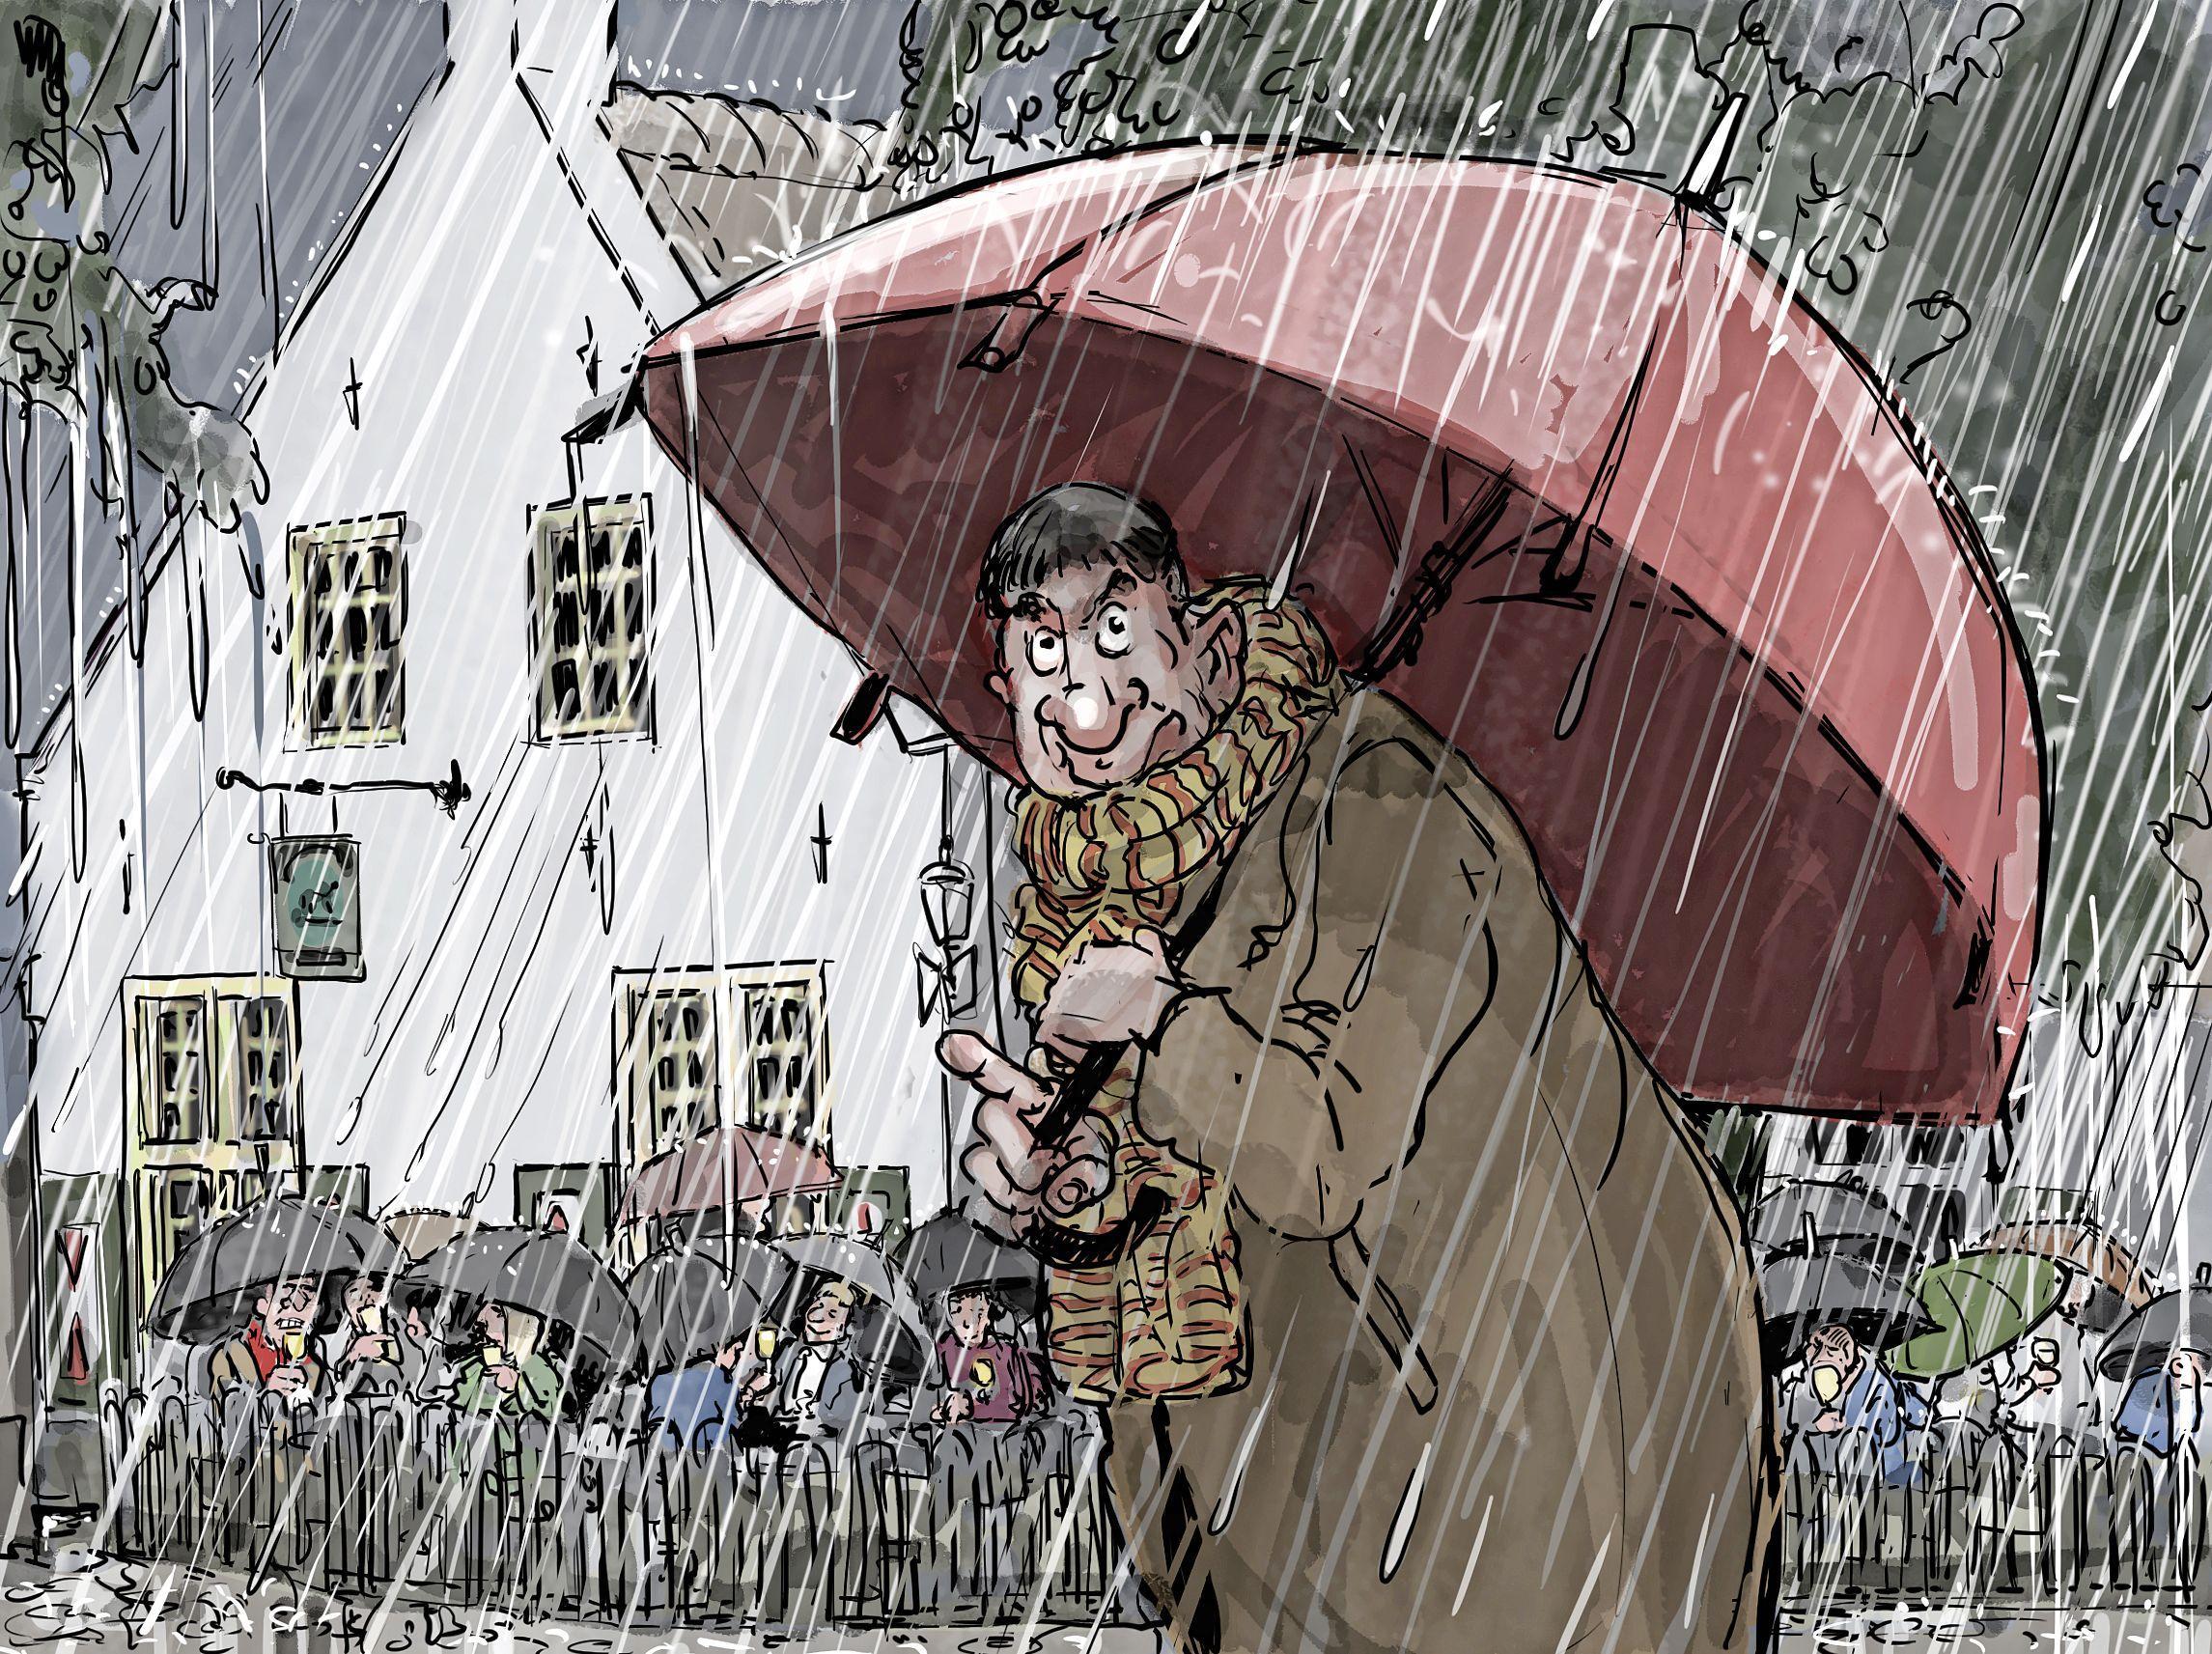 Collectief genieten van herwonnen vrijheid op ijskoude terrassen | cartoon Frank Muntjewerf